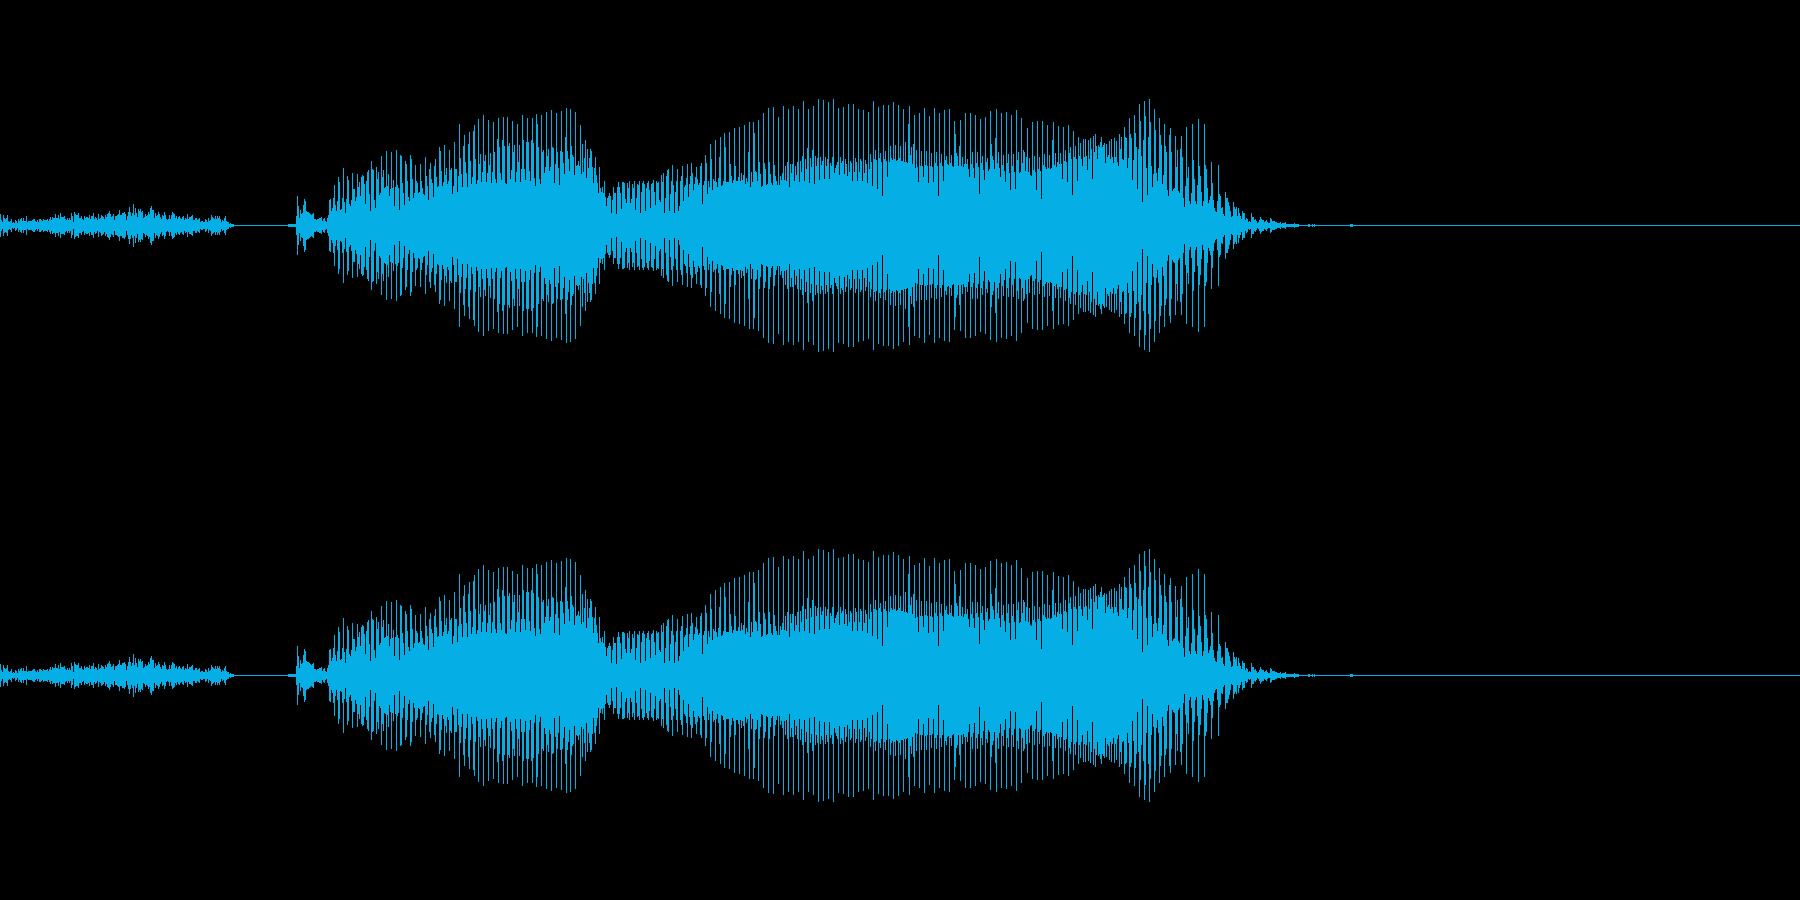 きかねえよ(挑発的)の再生済みの波形